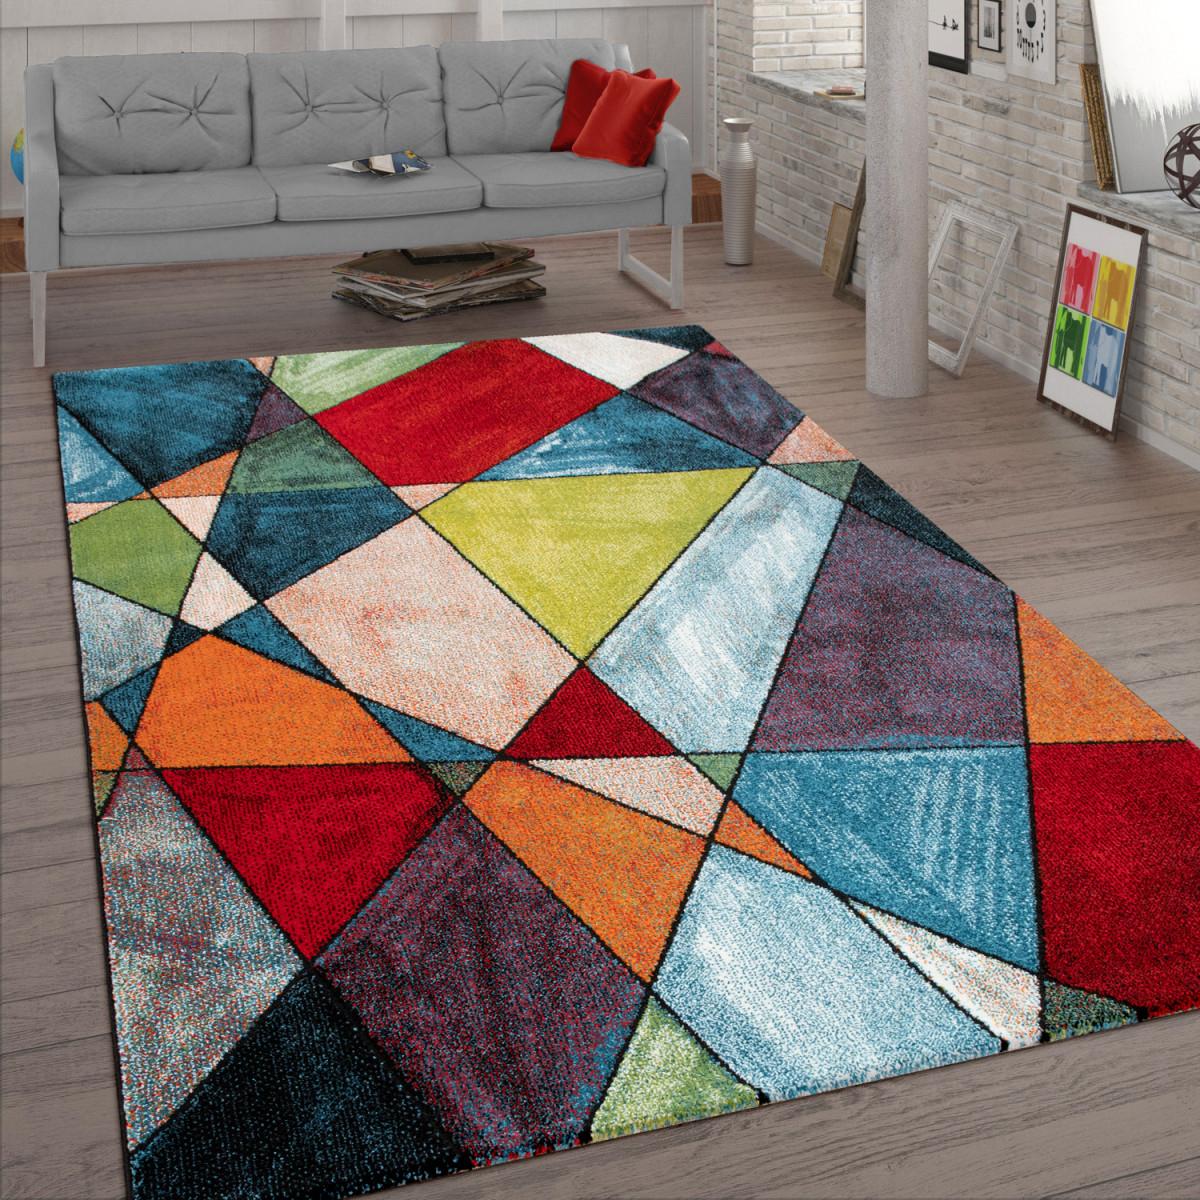 Wohnzimmerteppich Kurzflorteppich Mit Modernem 3Ddesign In Bunt von Teppich Wohnzimmer Bunt Bild